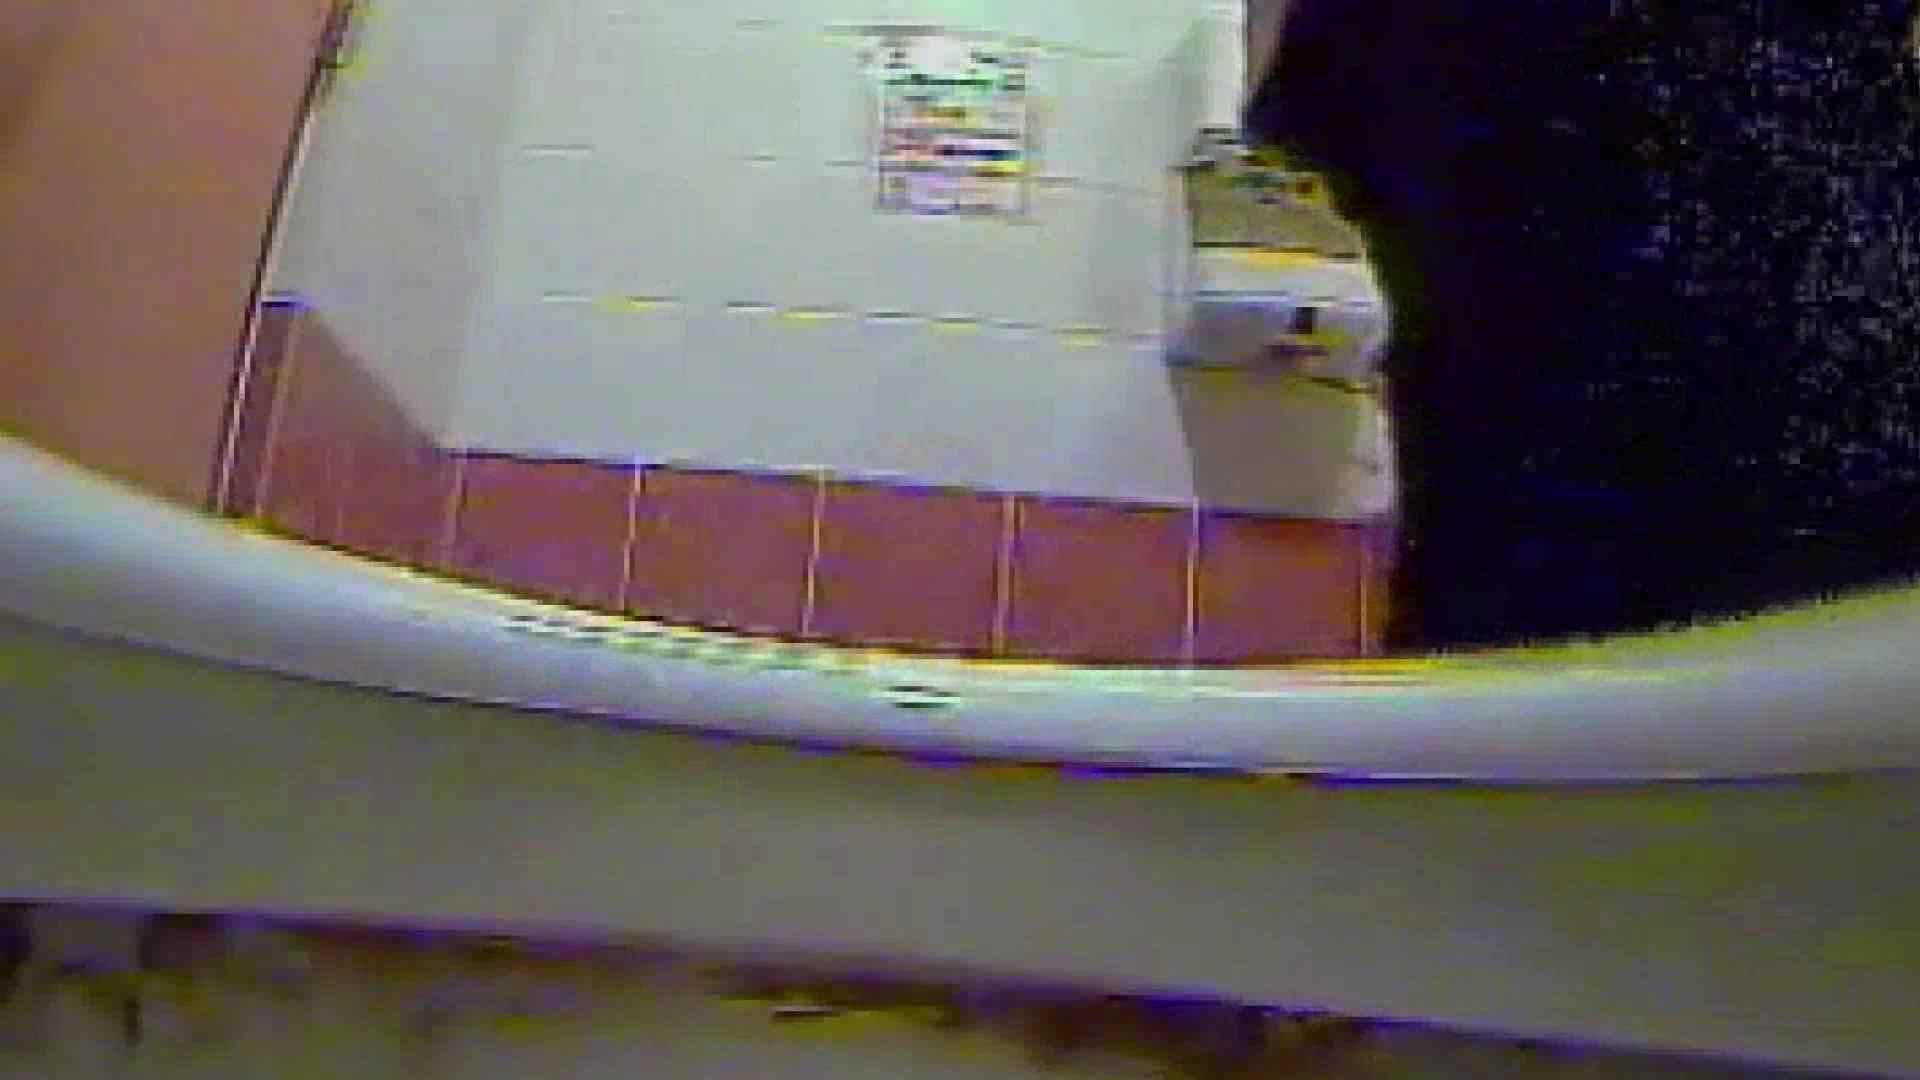 キレカワ女子大生の秘密の洗面所!Vol.017 洗面所はめどり | エロティックなOL  93画像 1